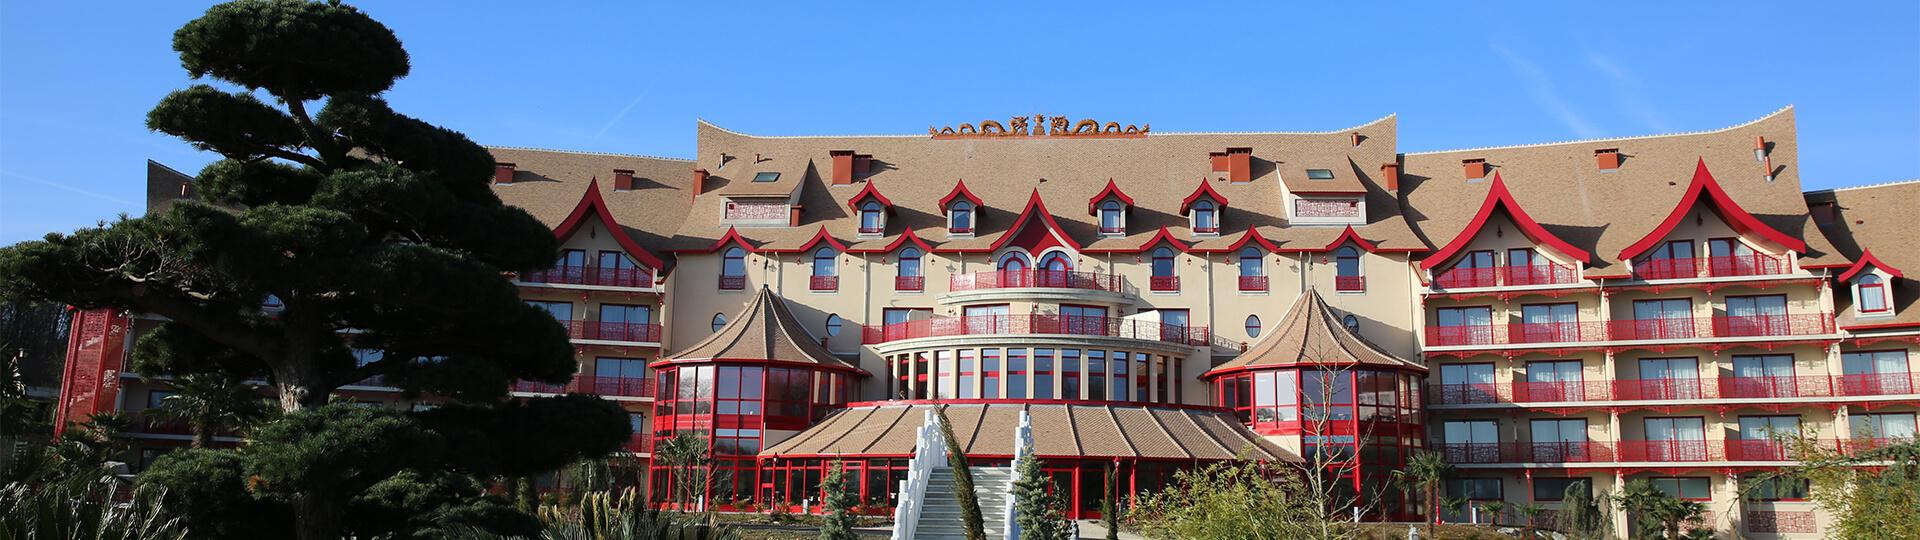 Hôtel Pagodes de Beauval